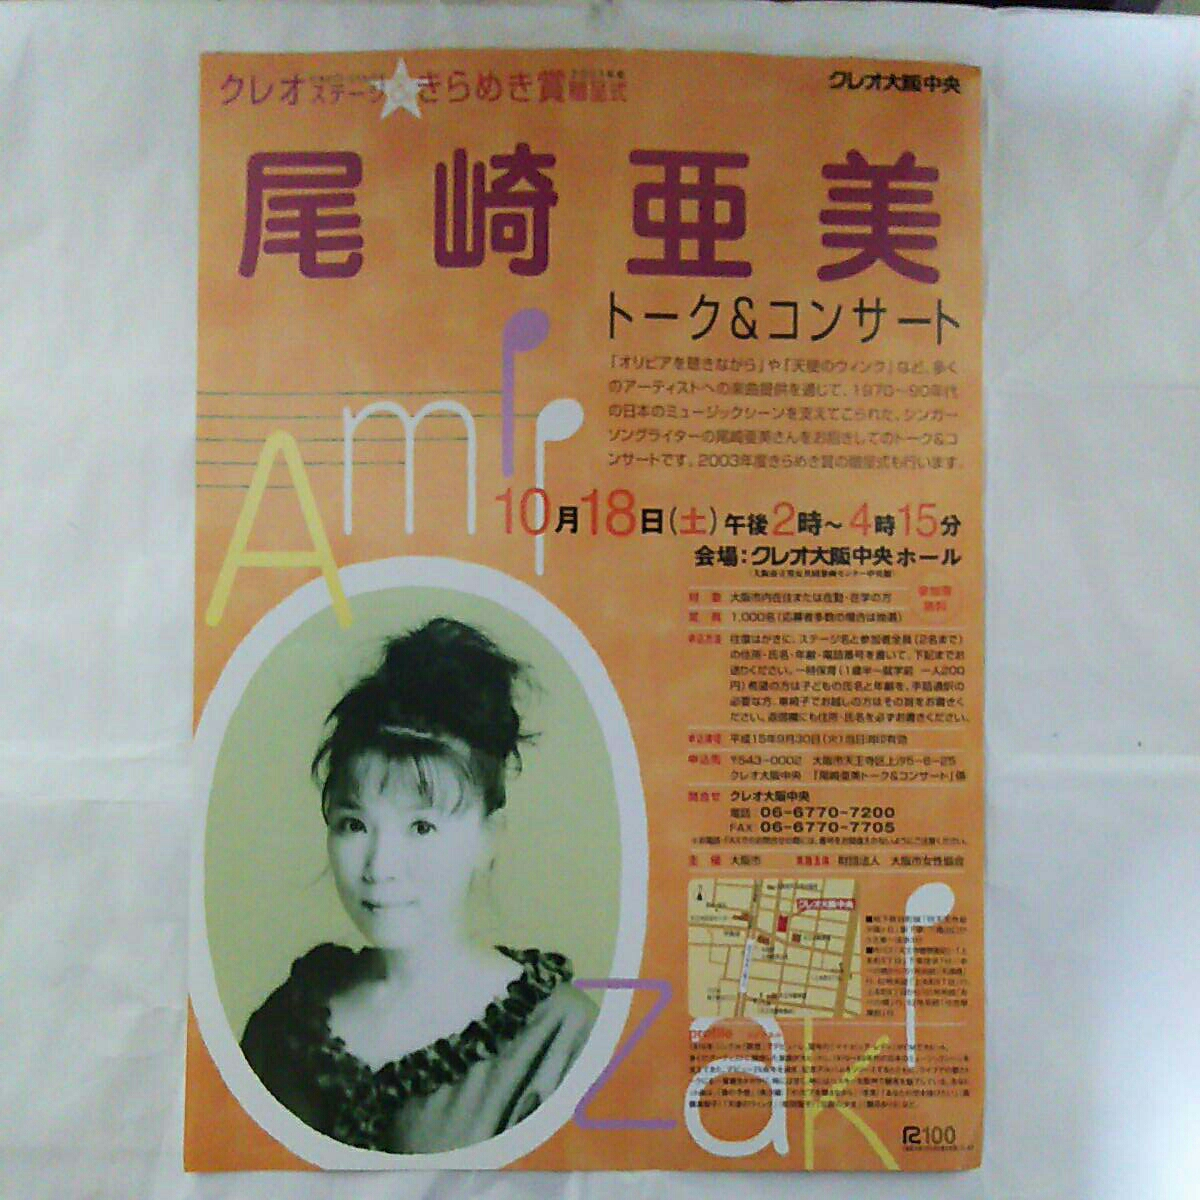 尾崎亜美2003トーク&コンサートチラシ